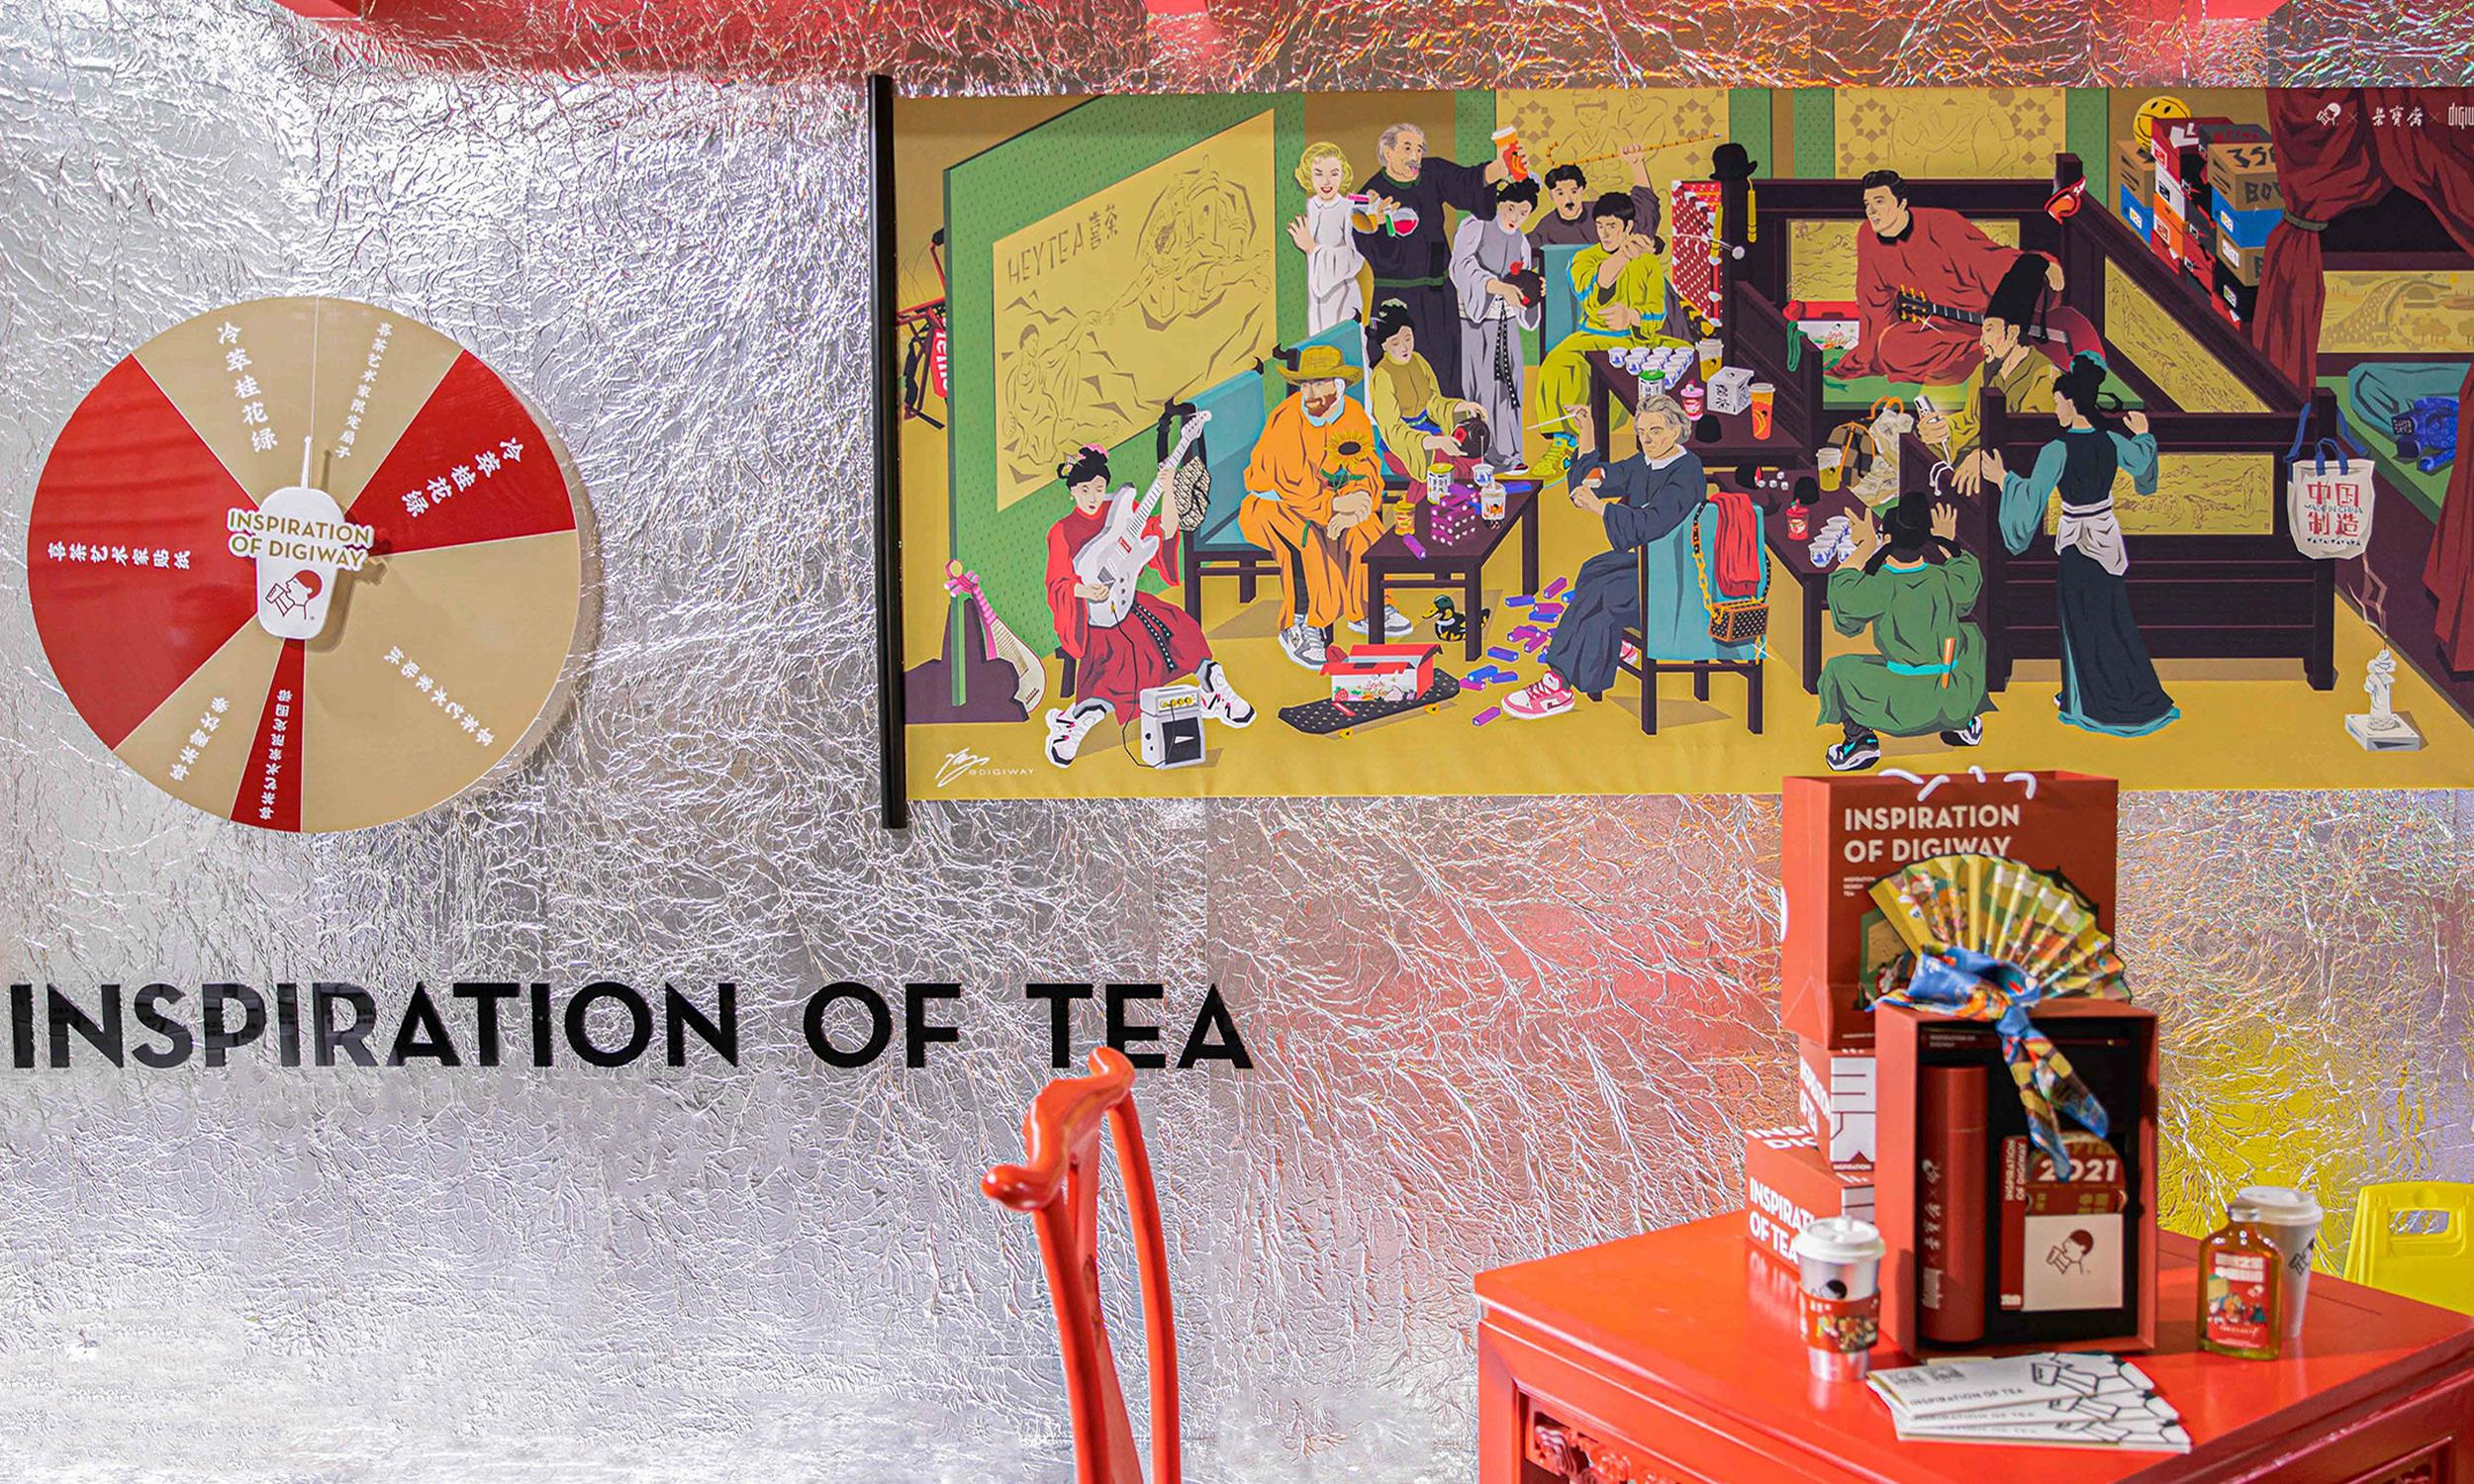 喜茶为什么能够成为年轻人首选的「新茶饮品牌」?